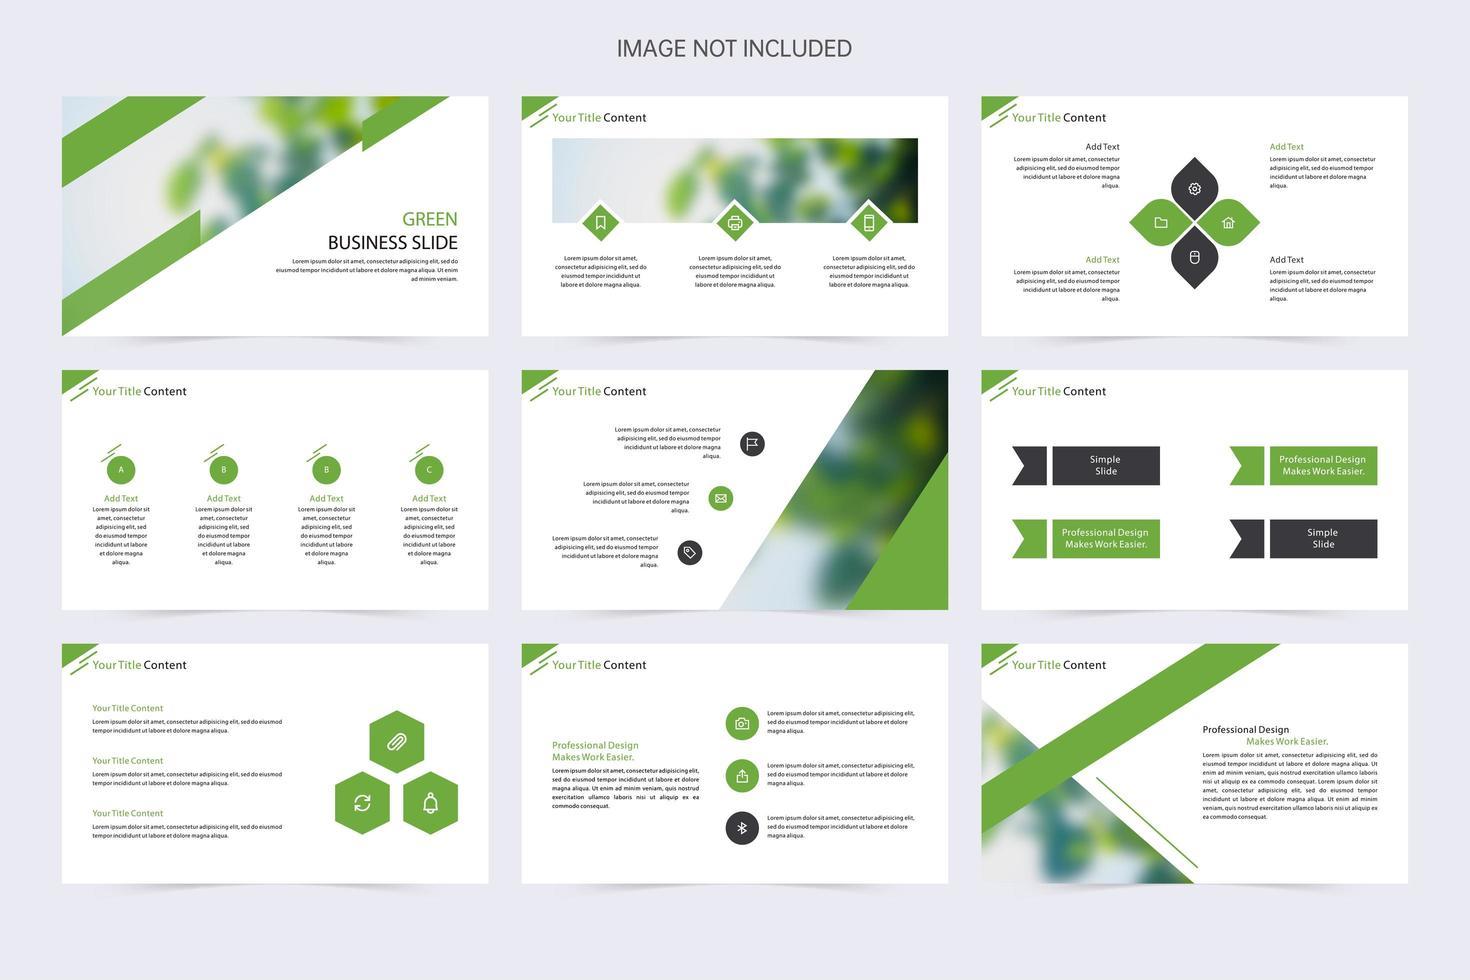 elementos creativos de presentación de diapositivas en verde, blanco y negro vector